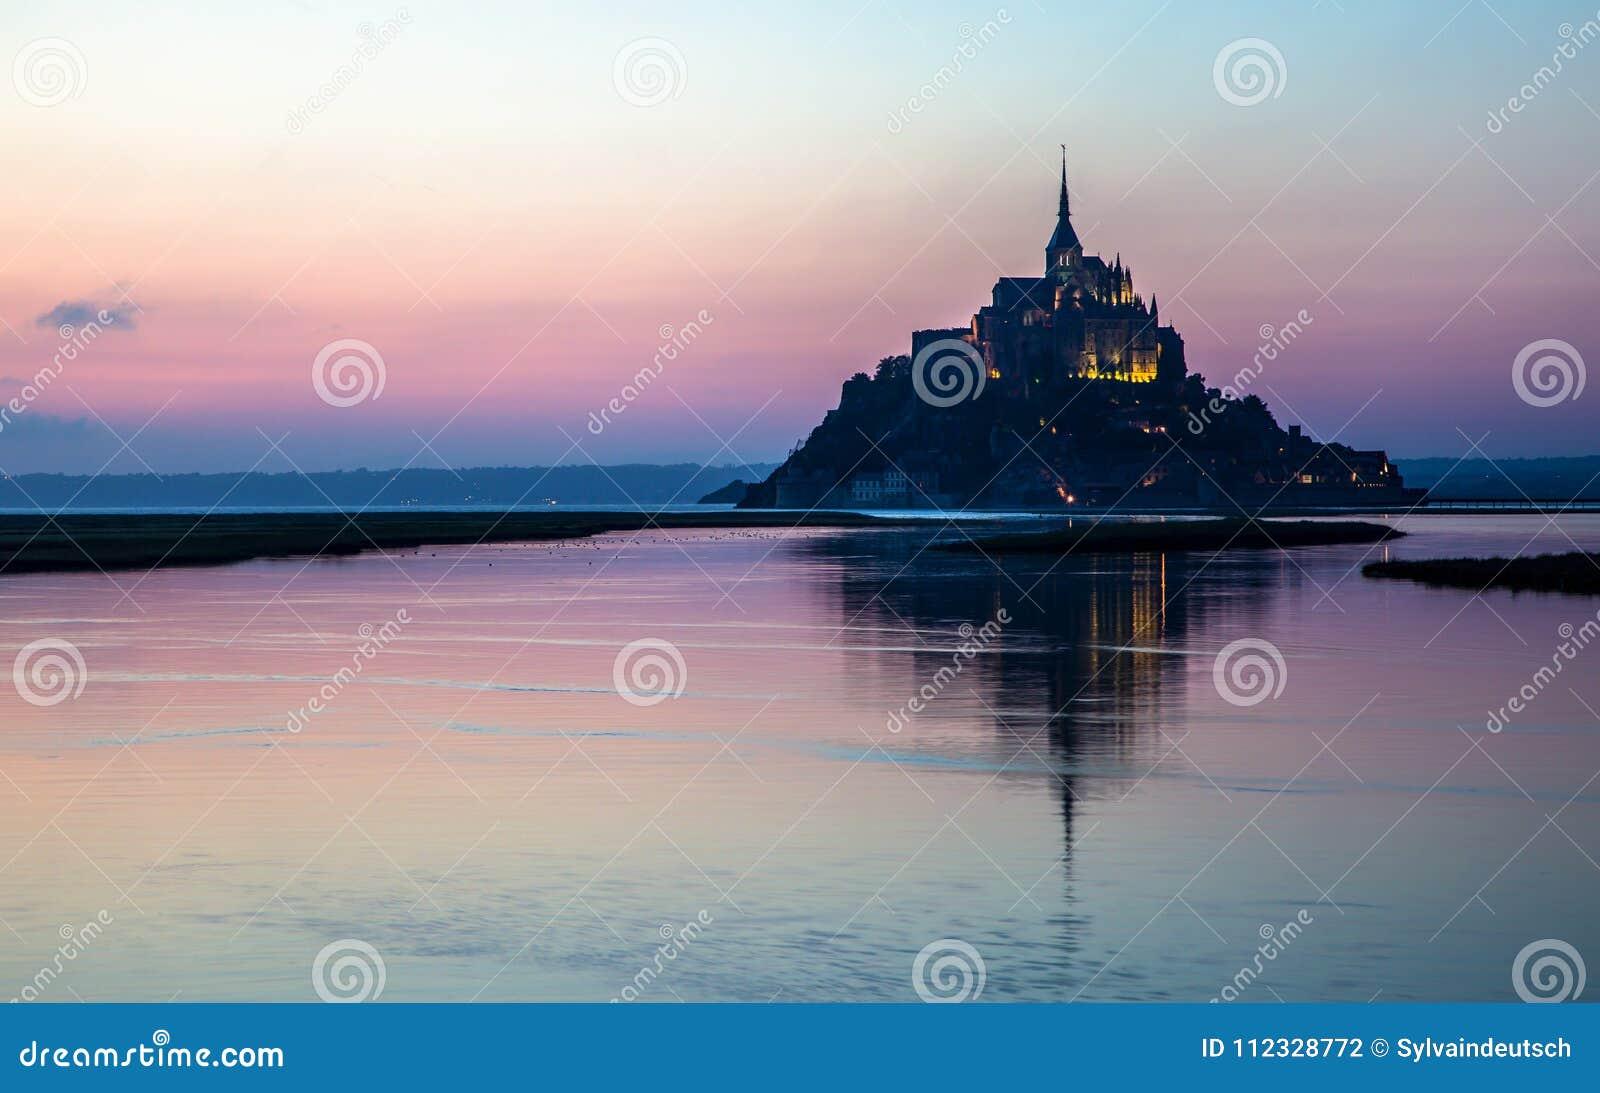 Mont Saint Michel at dusk, France.